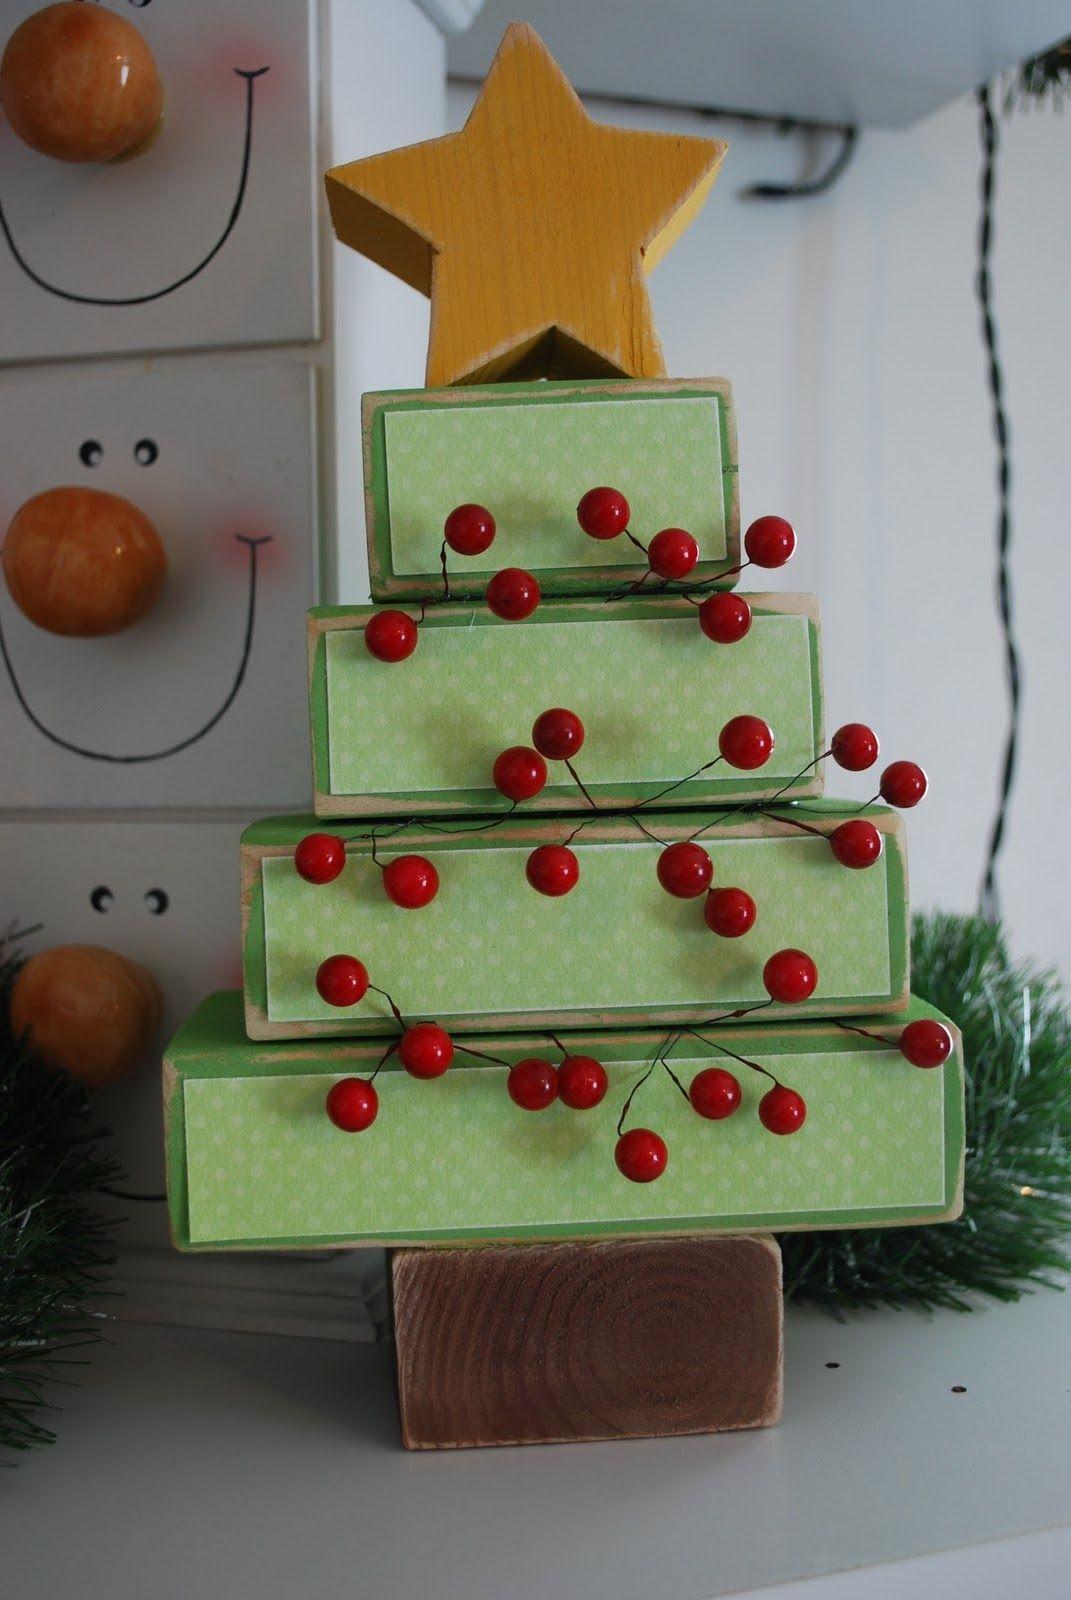 2x2 or 2x4 tree idea